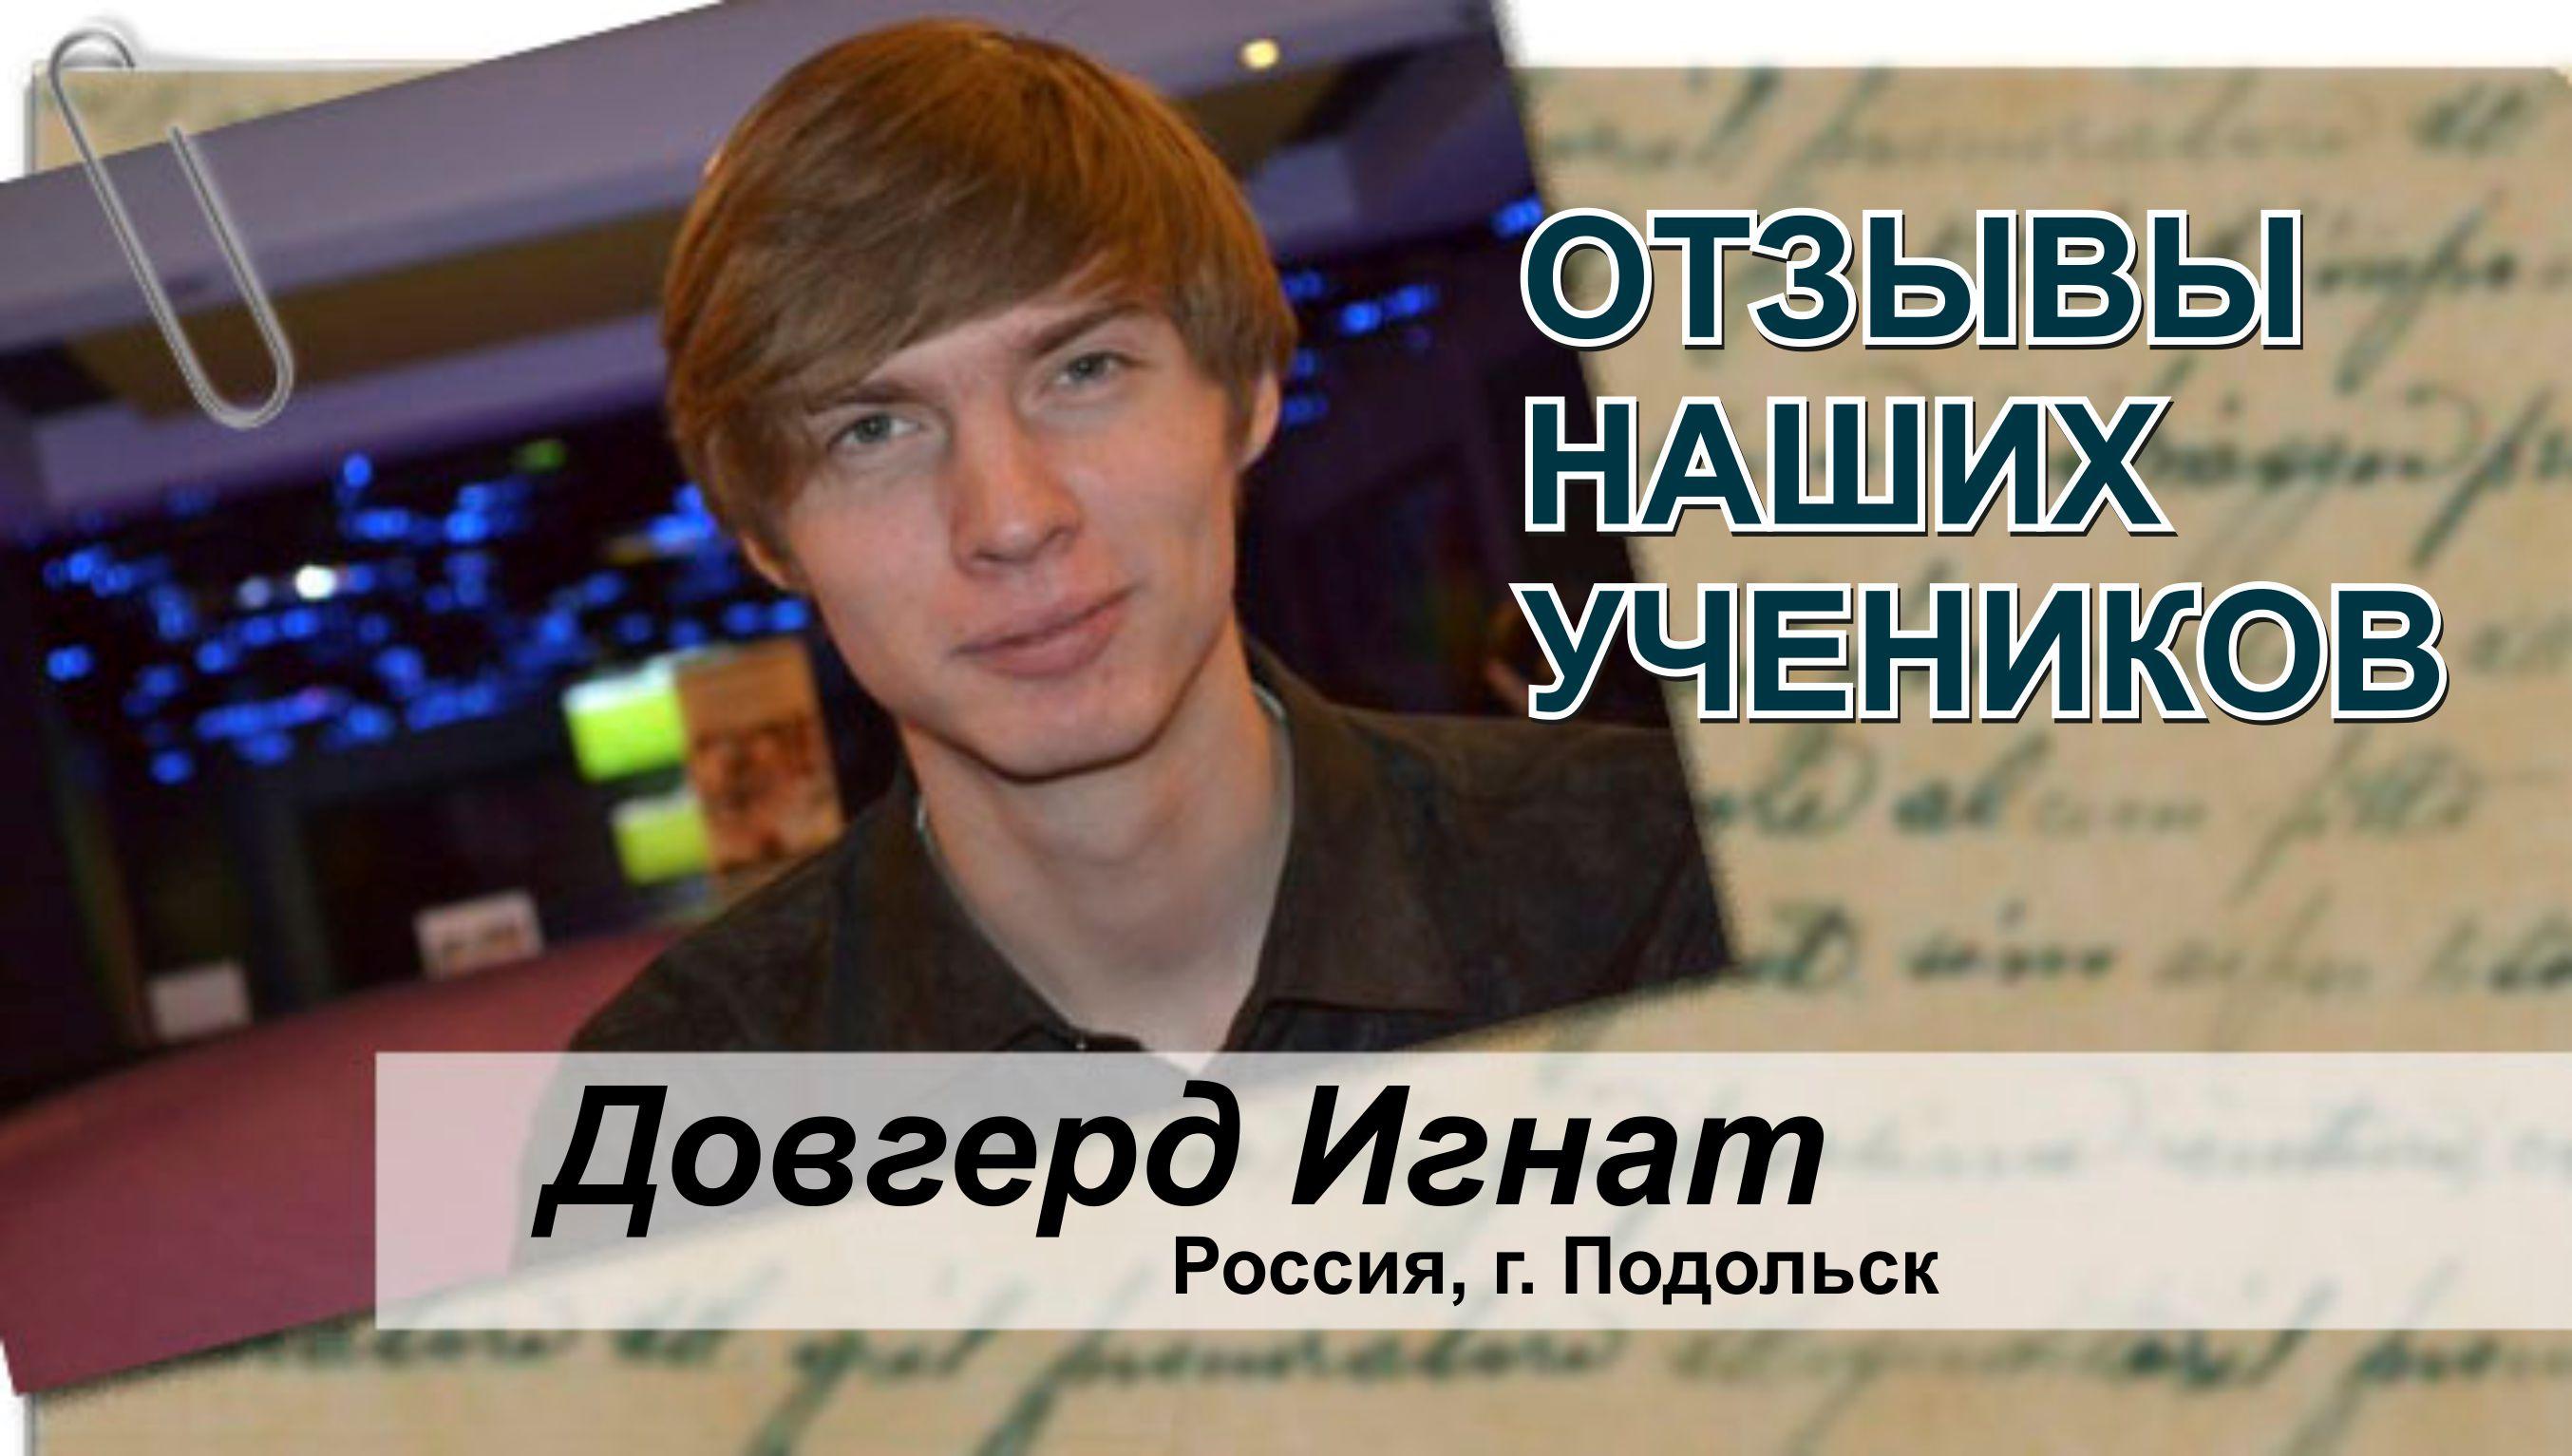 Довгерд Игнат отзыв ЭМСА